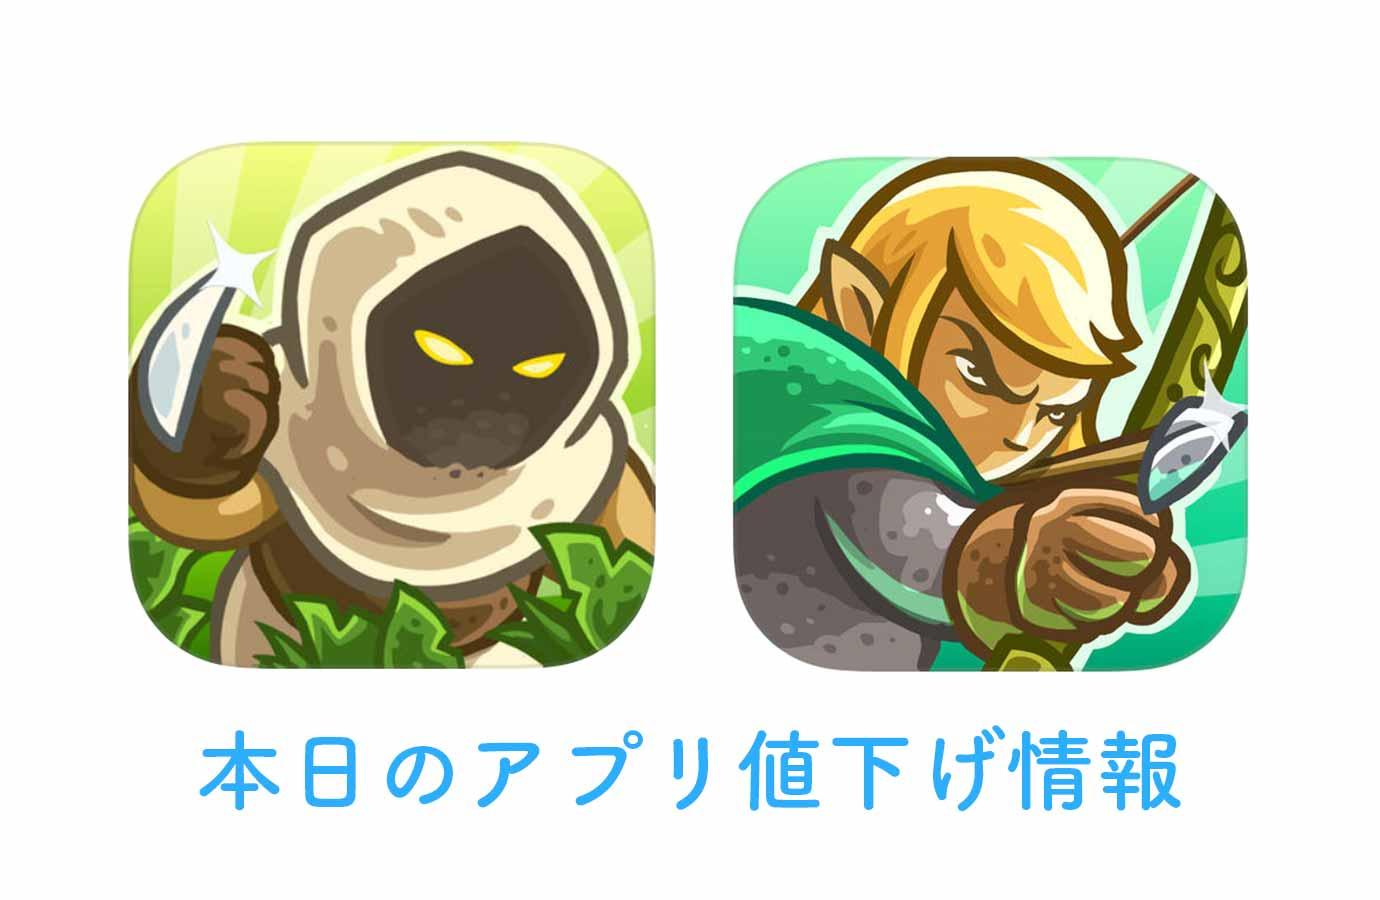 人気タワーディフェンス「Kingdom Rush Frontiers」「Kingdom Rush Origins」が値下げ中!【12/30】アプリ値下げ情報